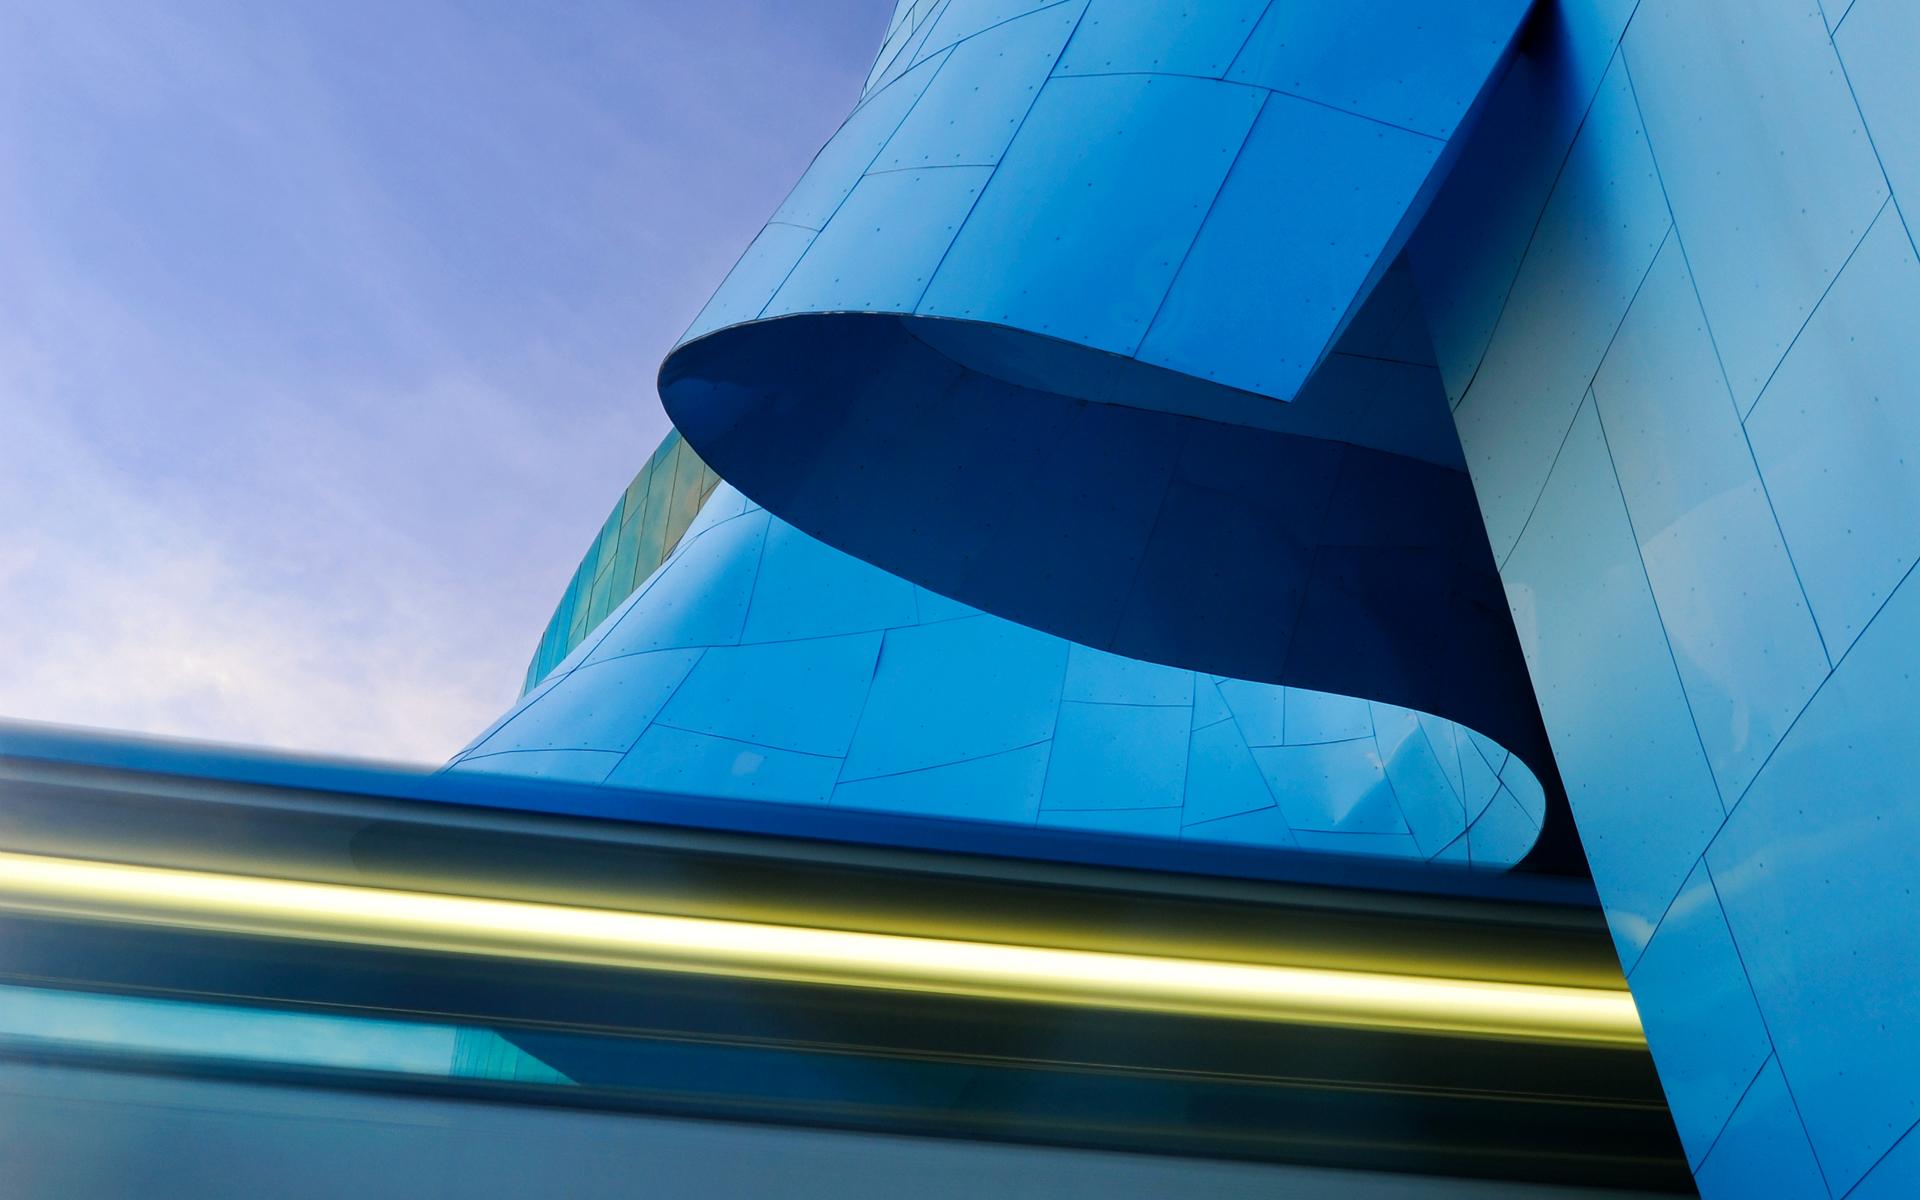 Architektur full hd wallpaper and hintergrund 1920x1200 id 497162 - Wallpaper architektur ...